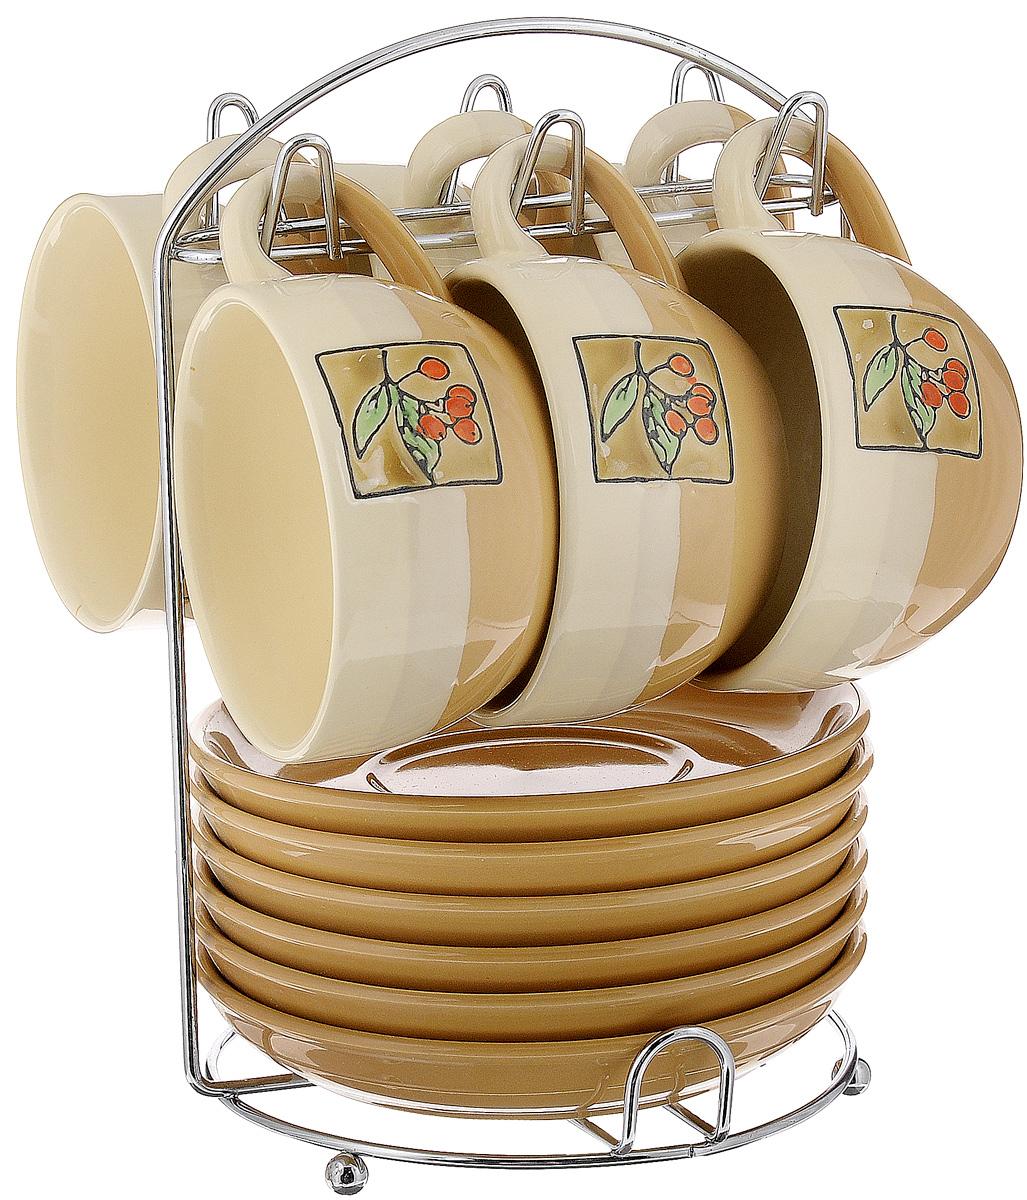 Набор чайный Calve. Ягоды, на подставке, 13 предметовCL-2022_бежевый, коричневый, оранжевыйНабор Calve. Ягоды состоит из шести чашек и шести блюдец, изготовленных из высококачественного фарфора. Чашки оформлены красочным рисунком. Изделия расположены на металлической подставке. Такой набор подходит для подачи чая или кофе. Изящный дизайн придется по вкусу и ценителям классики, и тем, кто предпочитает утонченность и изысканность. Он настроит на позитивный лад и подарит хорошее настроение с самого утра. Чайный набор Calve. Ягоды - идеальный и необходимый подарок для вашего дома и для ваших друзей в праздники. Можно мыть в посудомоечной машине. Объем чашки: 220 мл. Диаметр чашки (по верхнему краю): 9,5 см. Высота чашки: 6,3 см. Диаметр блюдца: 14,5 см. Высота блюдца: 2,3 см. Размер подставки: 16,5 х 16 х 22,5 см.